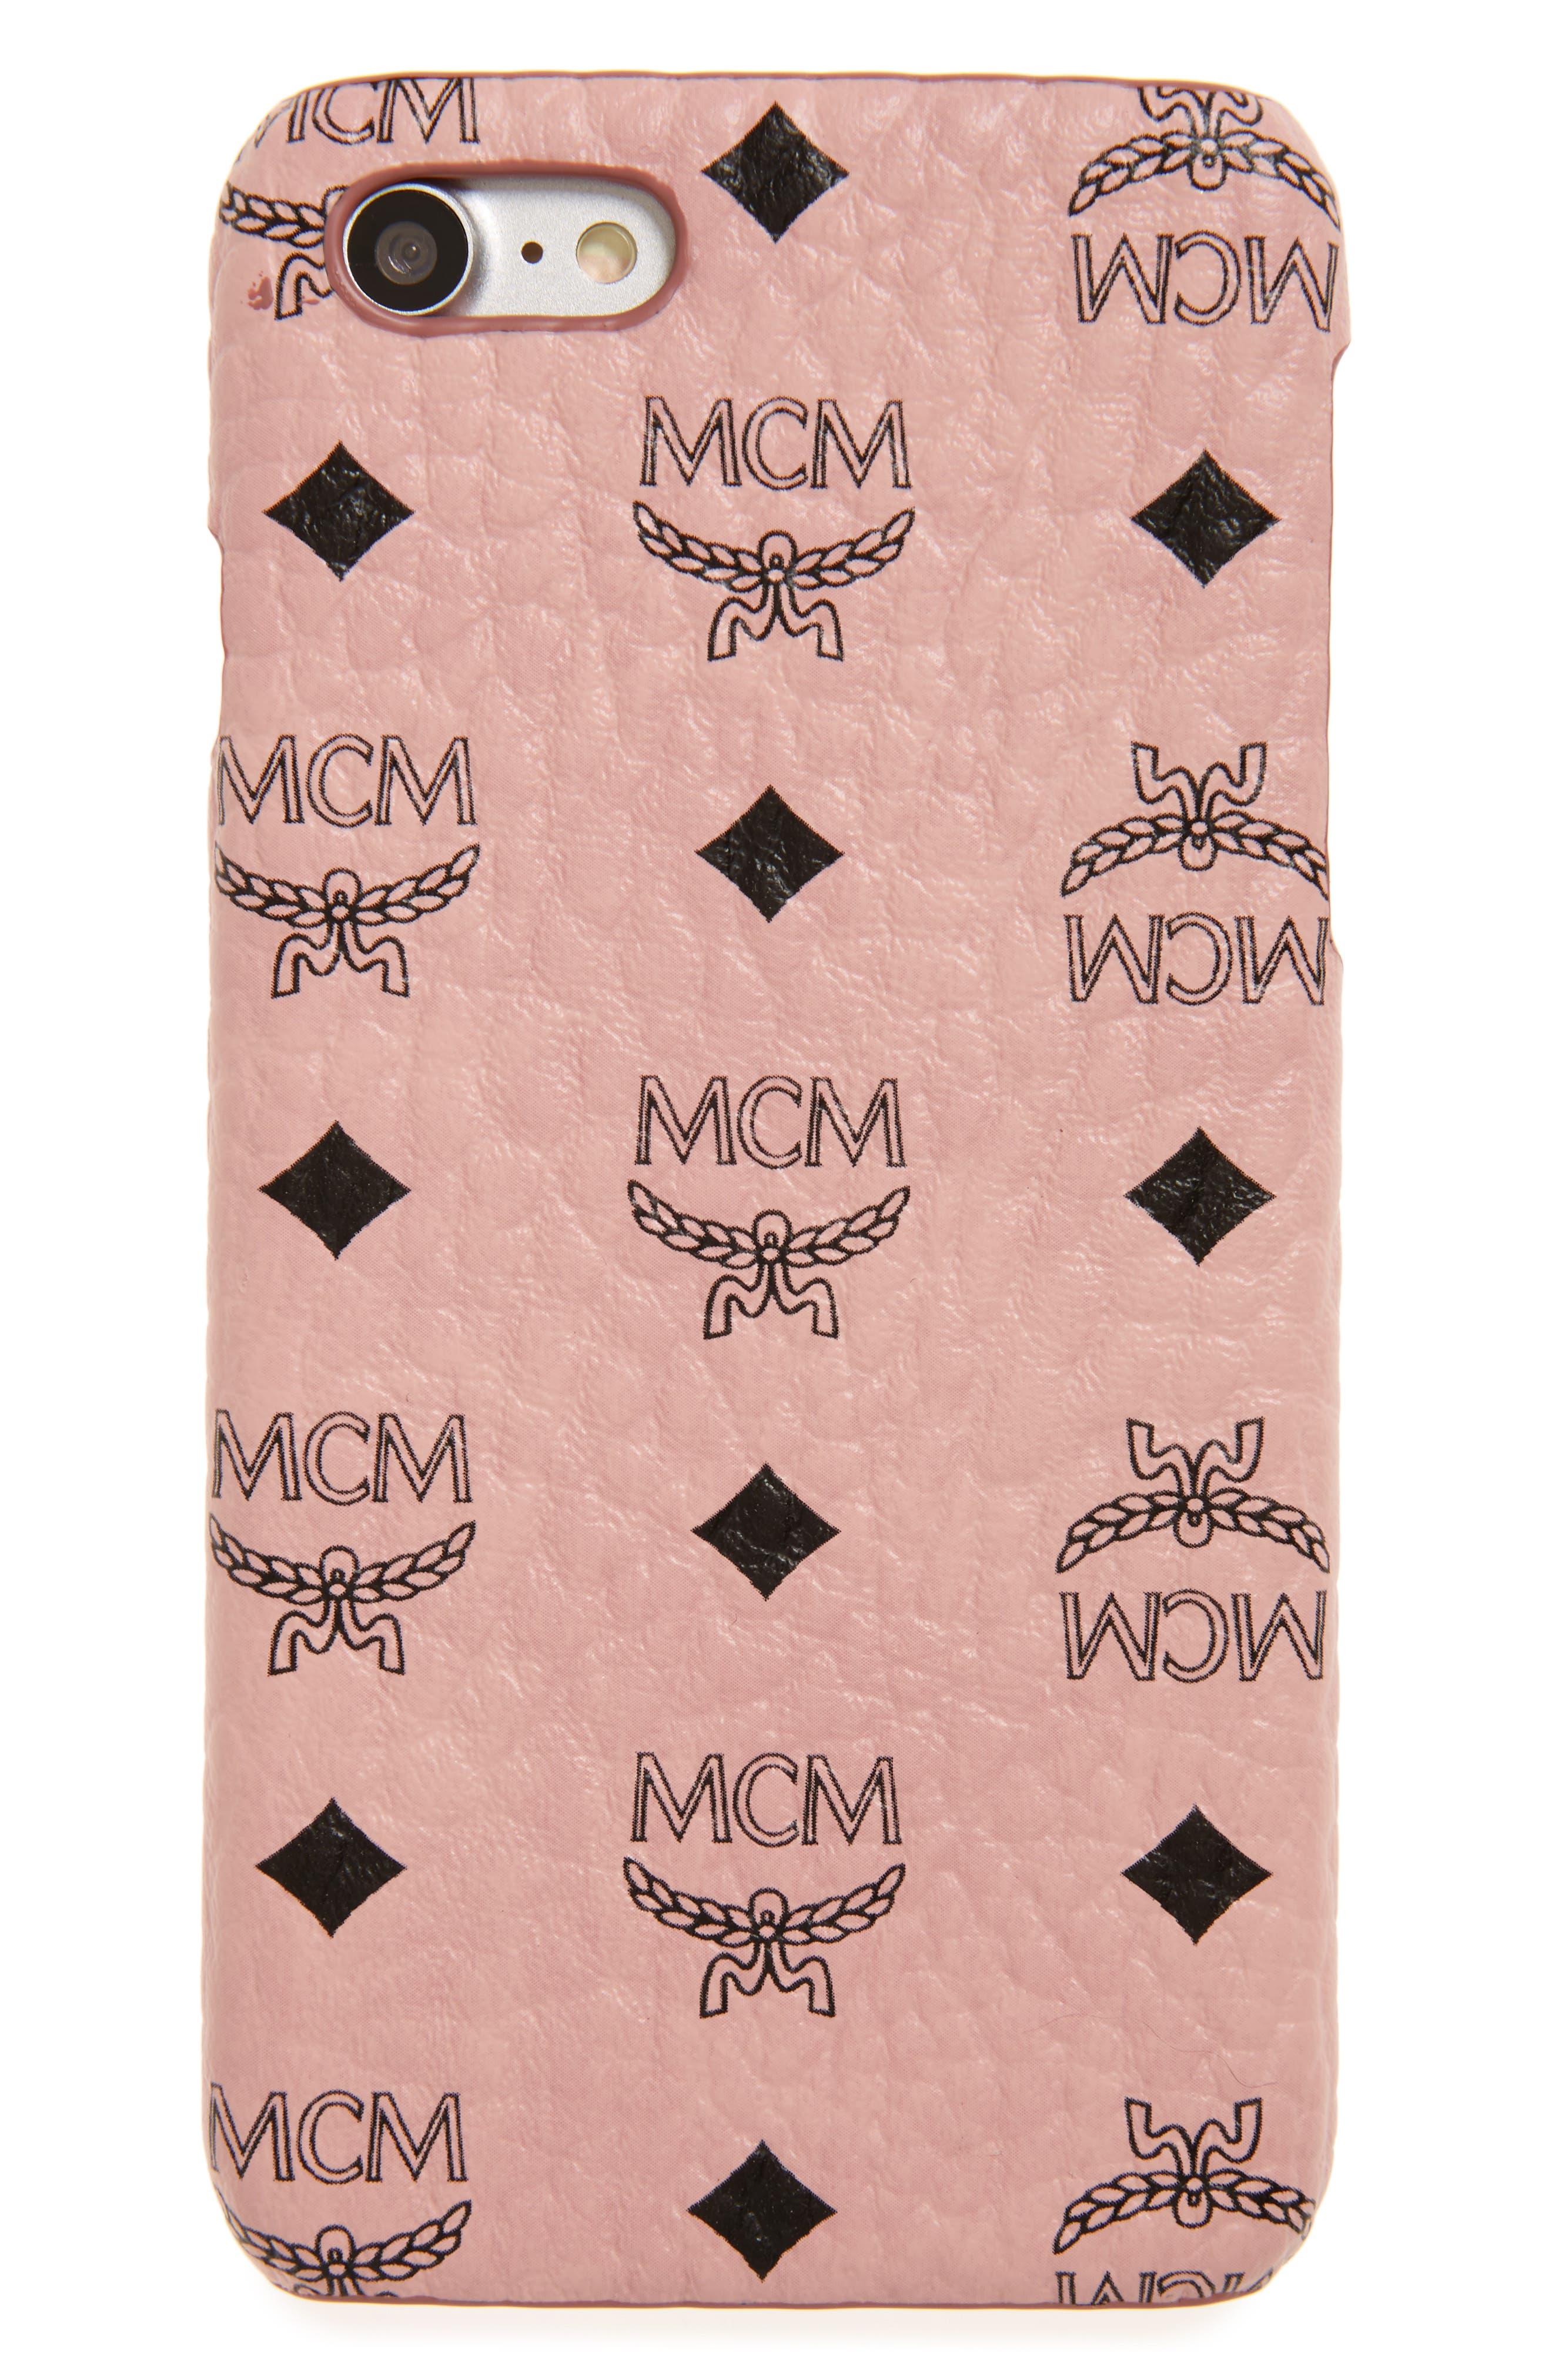 MCM iPhone 6/7 Case